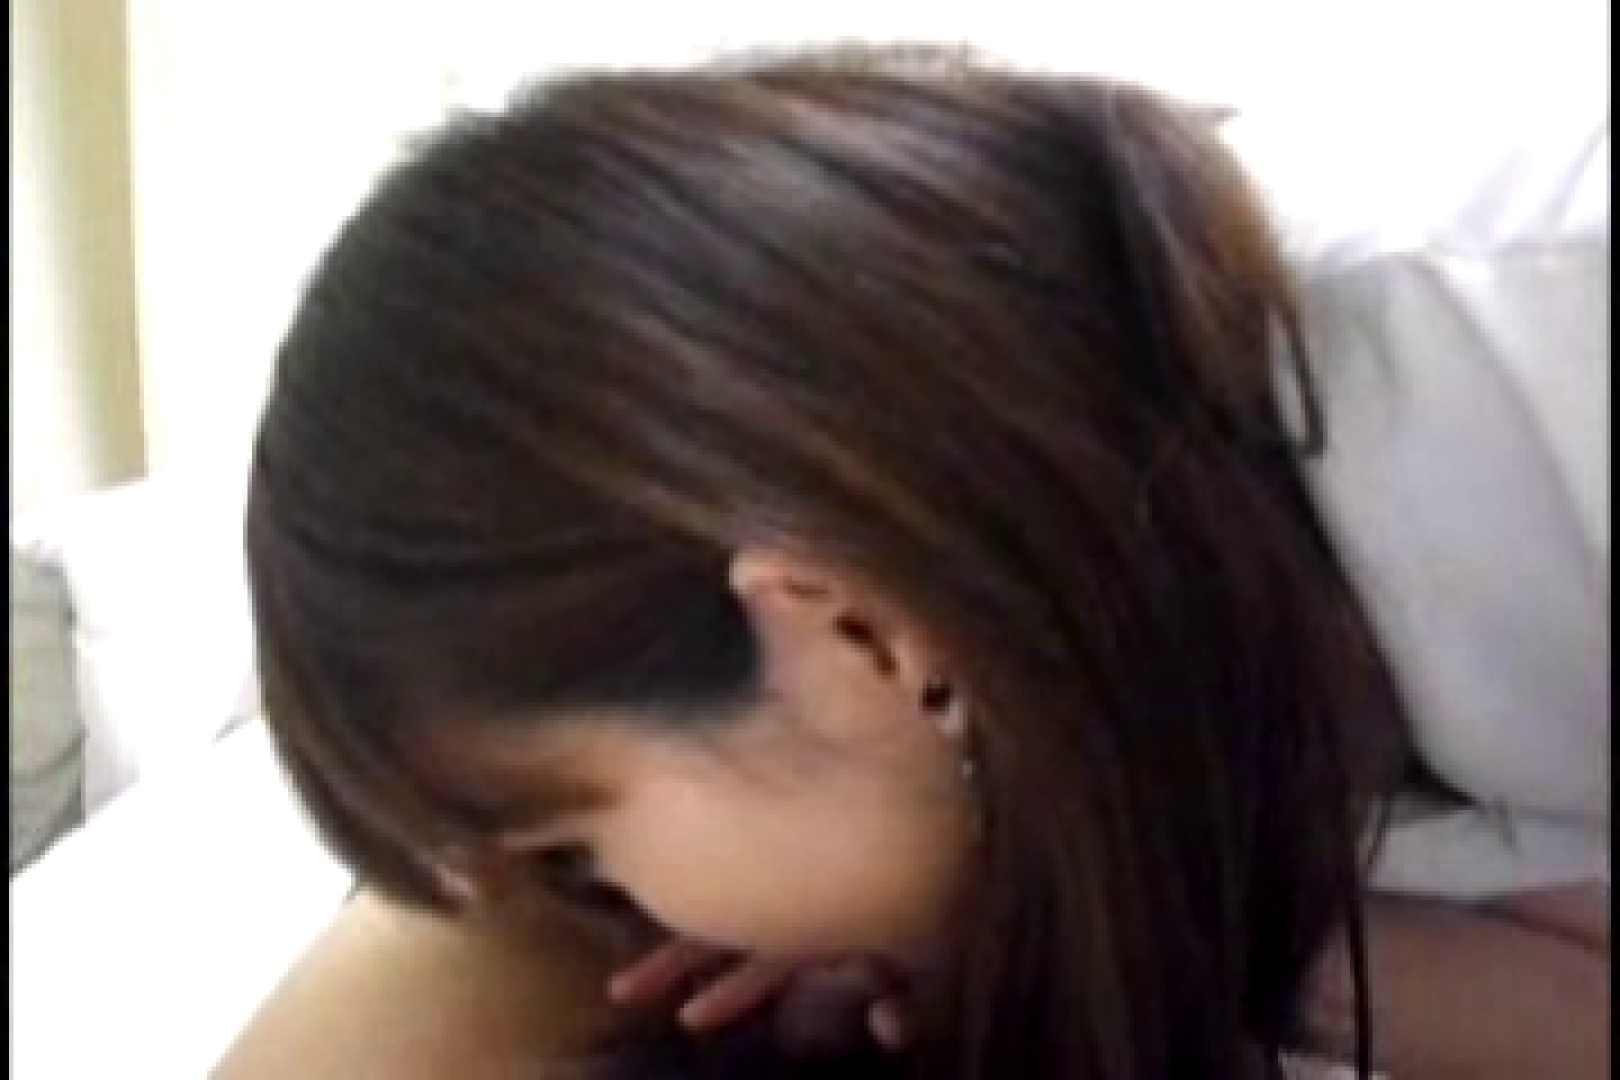 ヤリマンと呼ばれた看護士さんvol1 シックスナイン  98pic 70